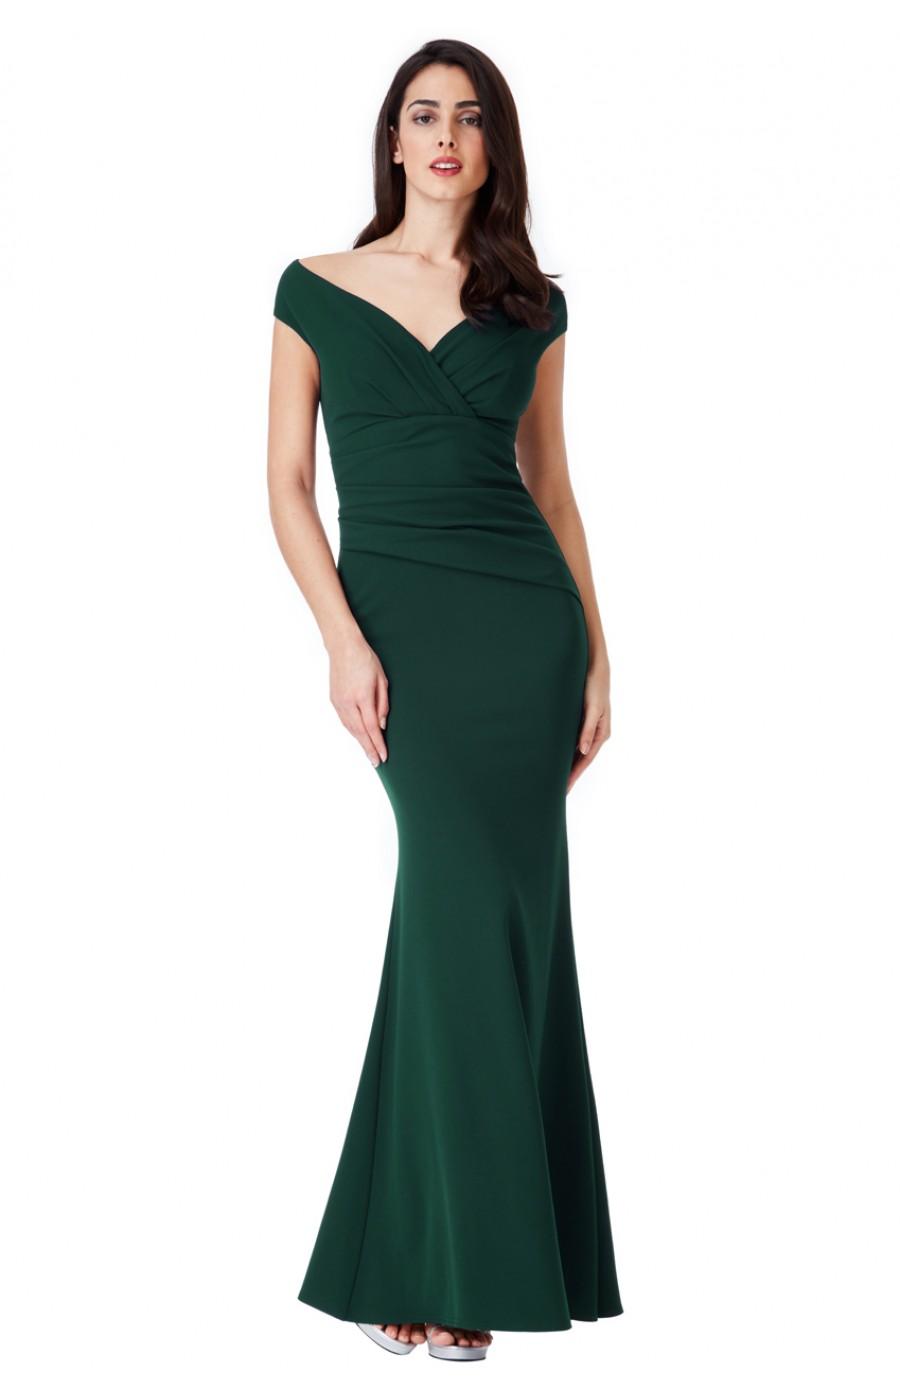 Μακρύ σκουρο πράσινο κρεπ φόρεμα